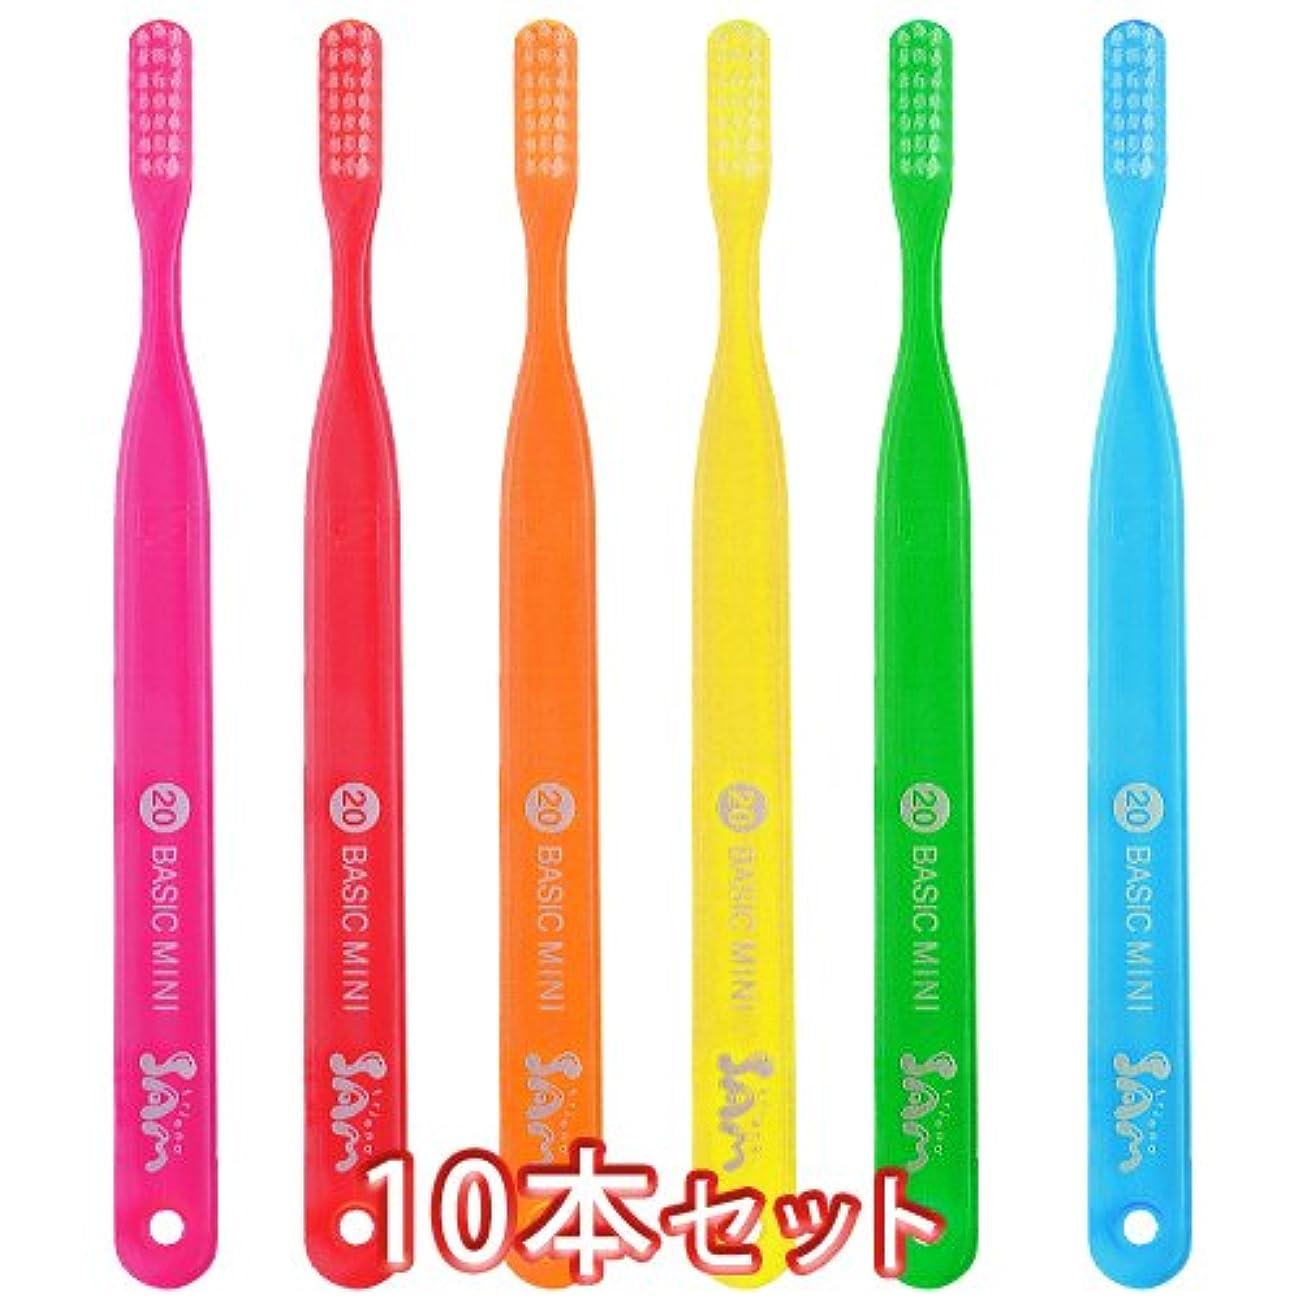 犠牲高くレジサムフレンド ベーシック 歯ブラシ 10本 (#20)